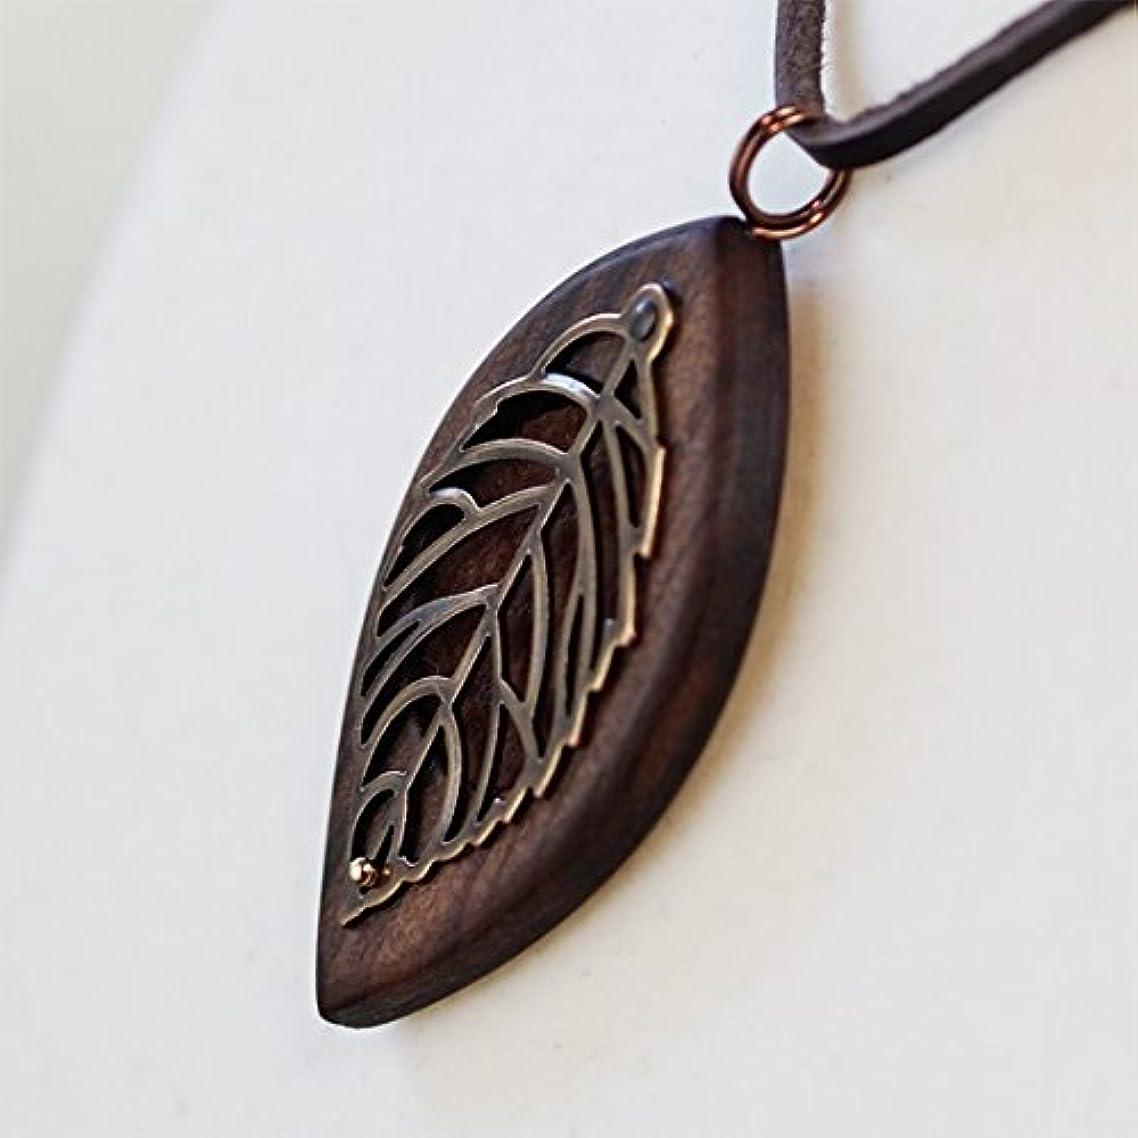 取るに足らない慎重追放する木製オリジナルアロマペンダント 【天使の小瓶】 木の葉(アンティークゴールド)